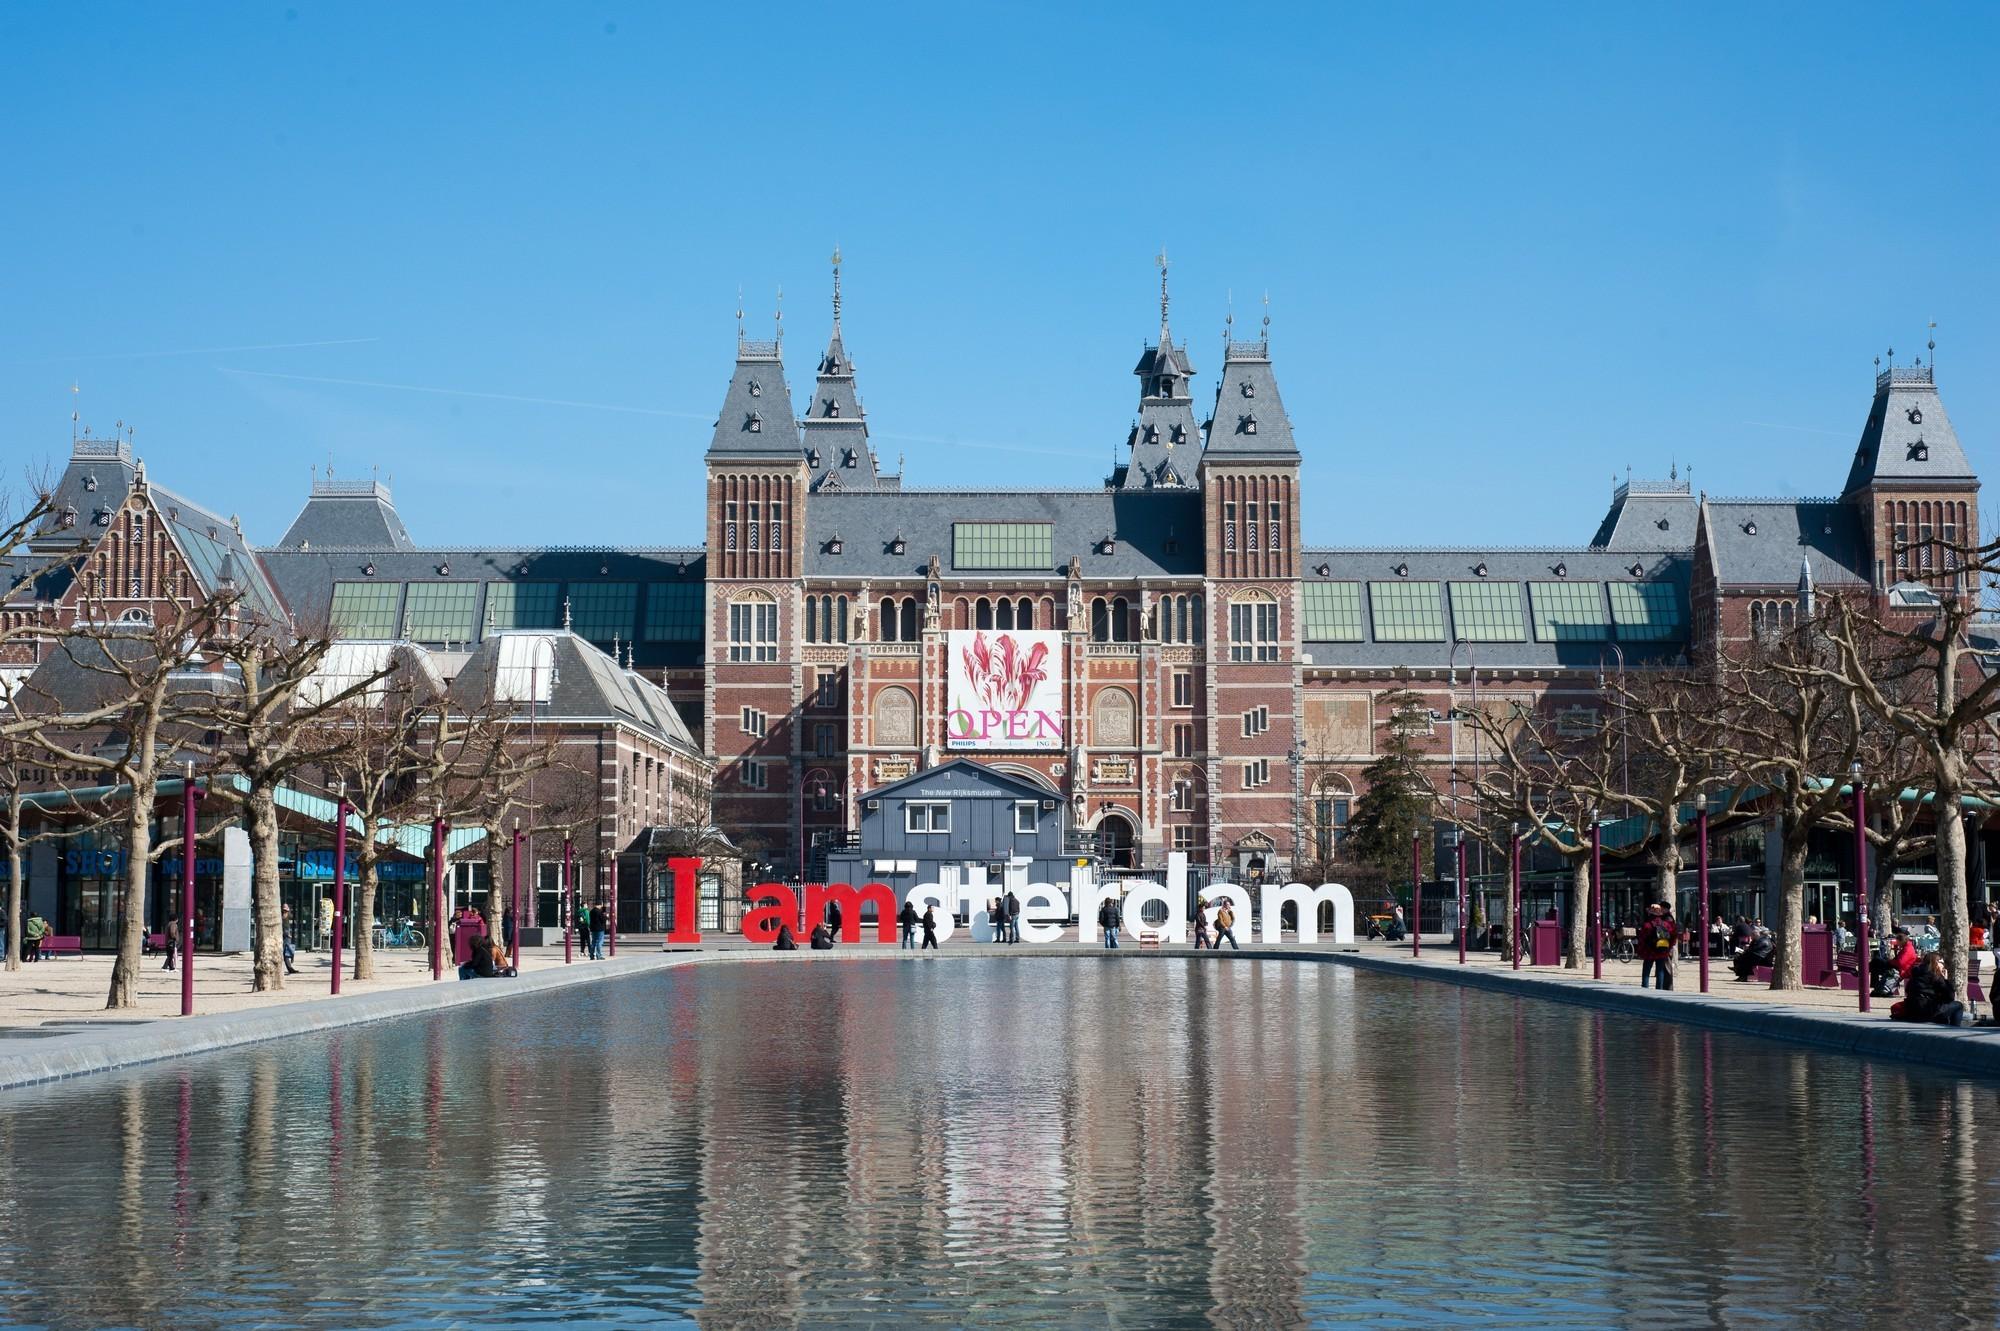 Favori Rijksmuseum, musée connecté et numérisé - Innovant.fr IY66